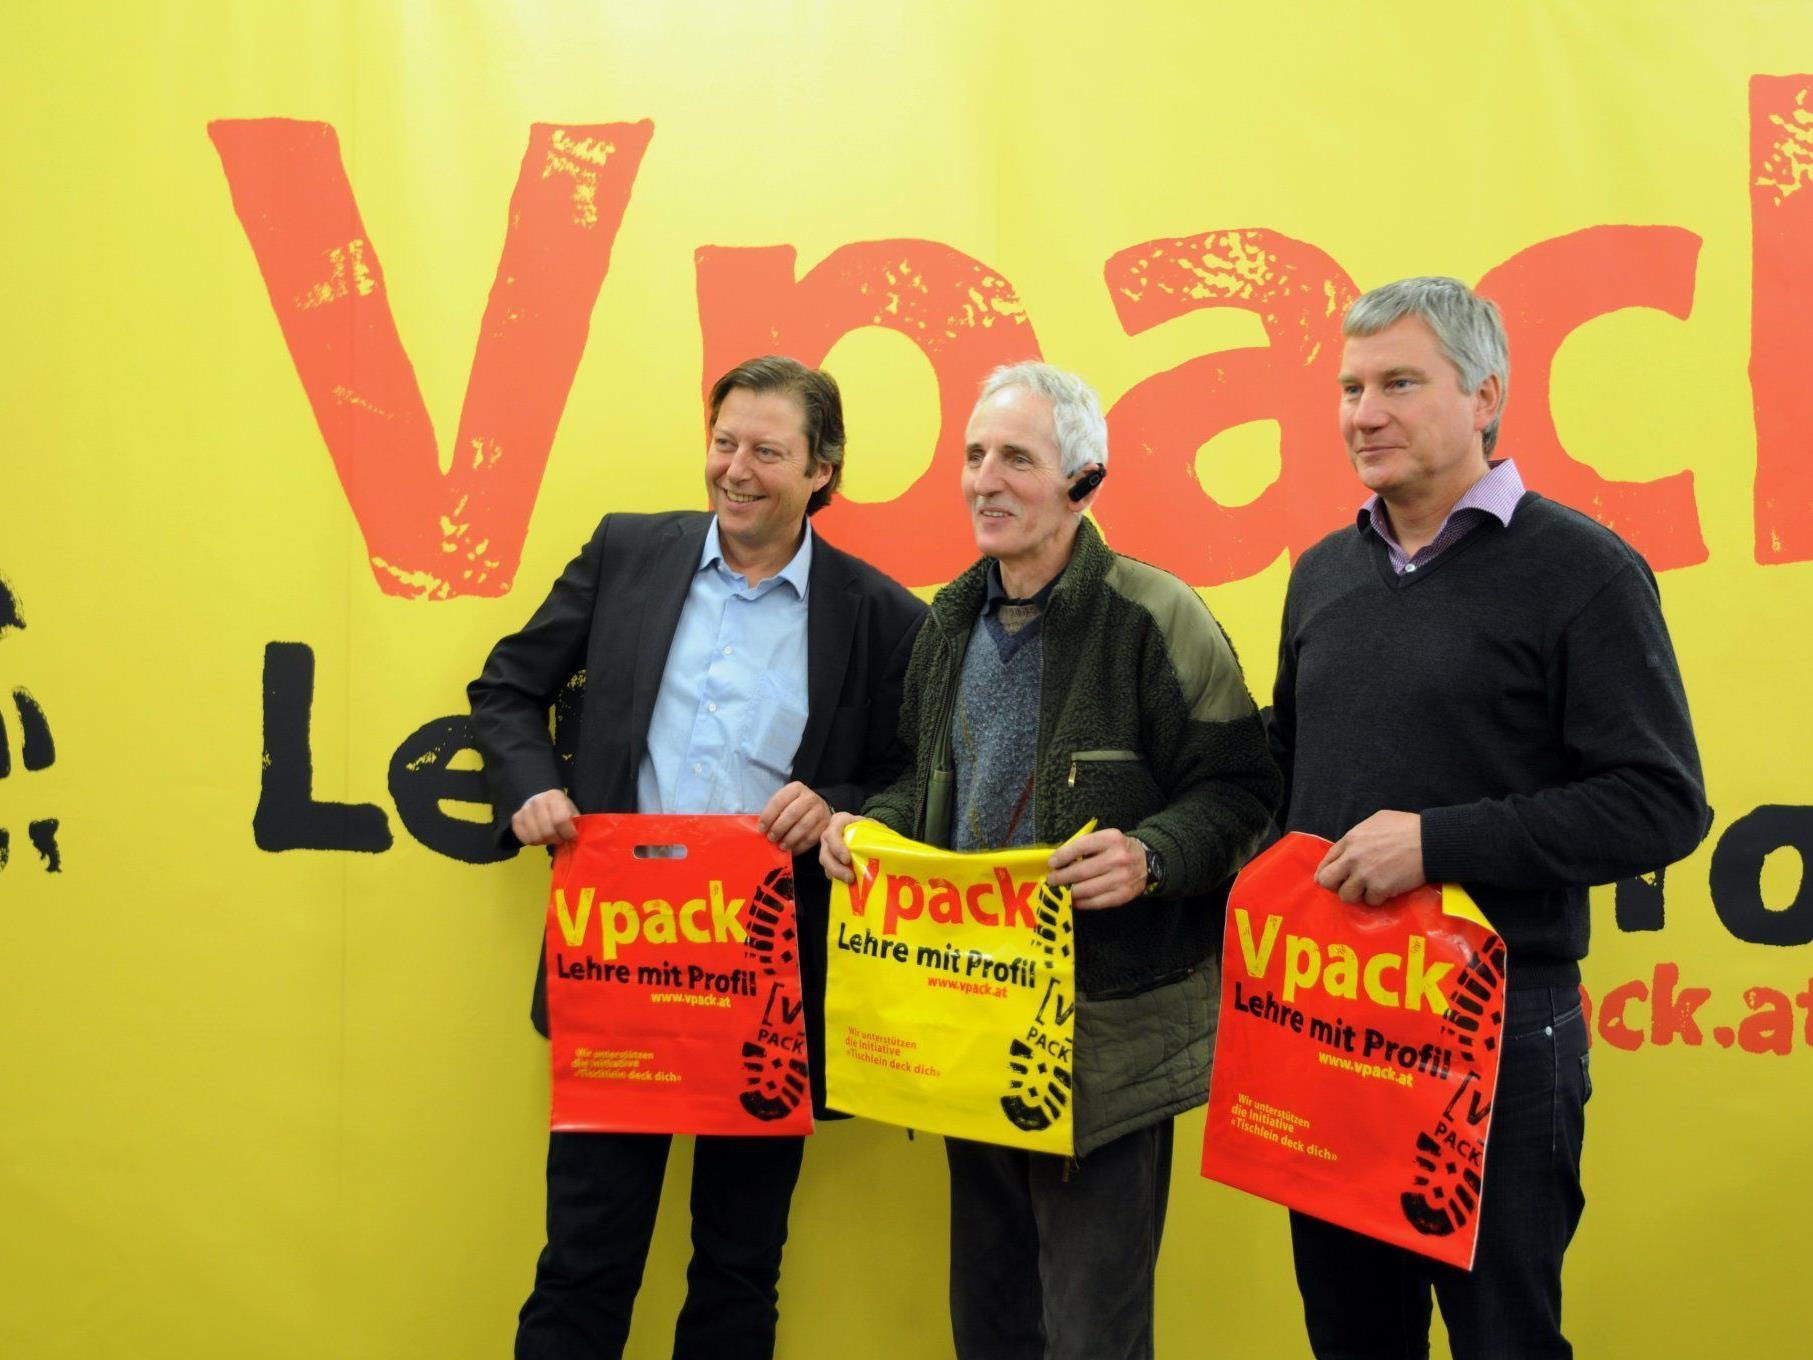 Russ-Preisträger Elmar Stüttler nahm die Kunststofftaschen dankend entgegen.